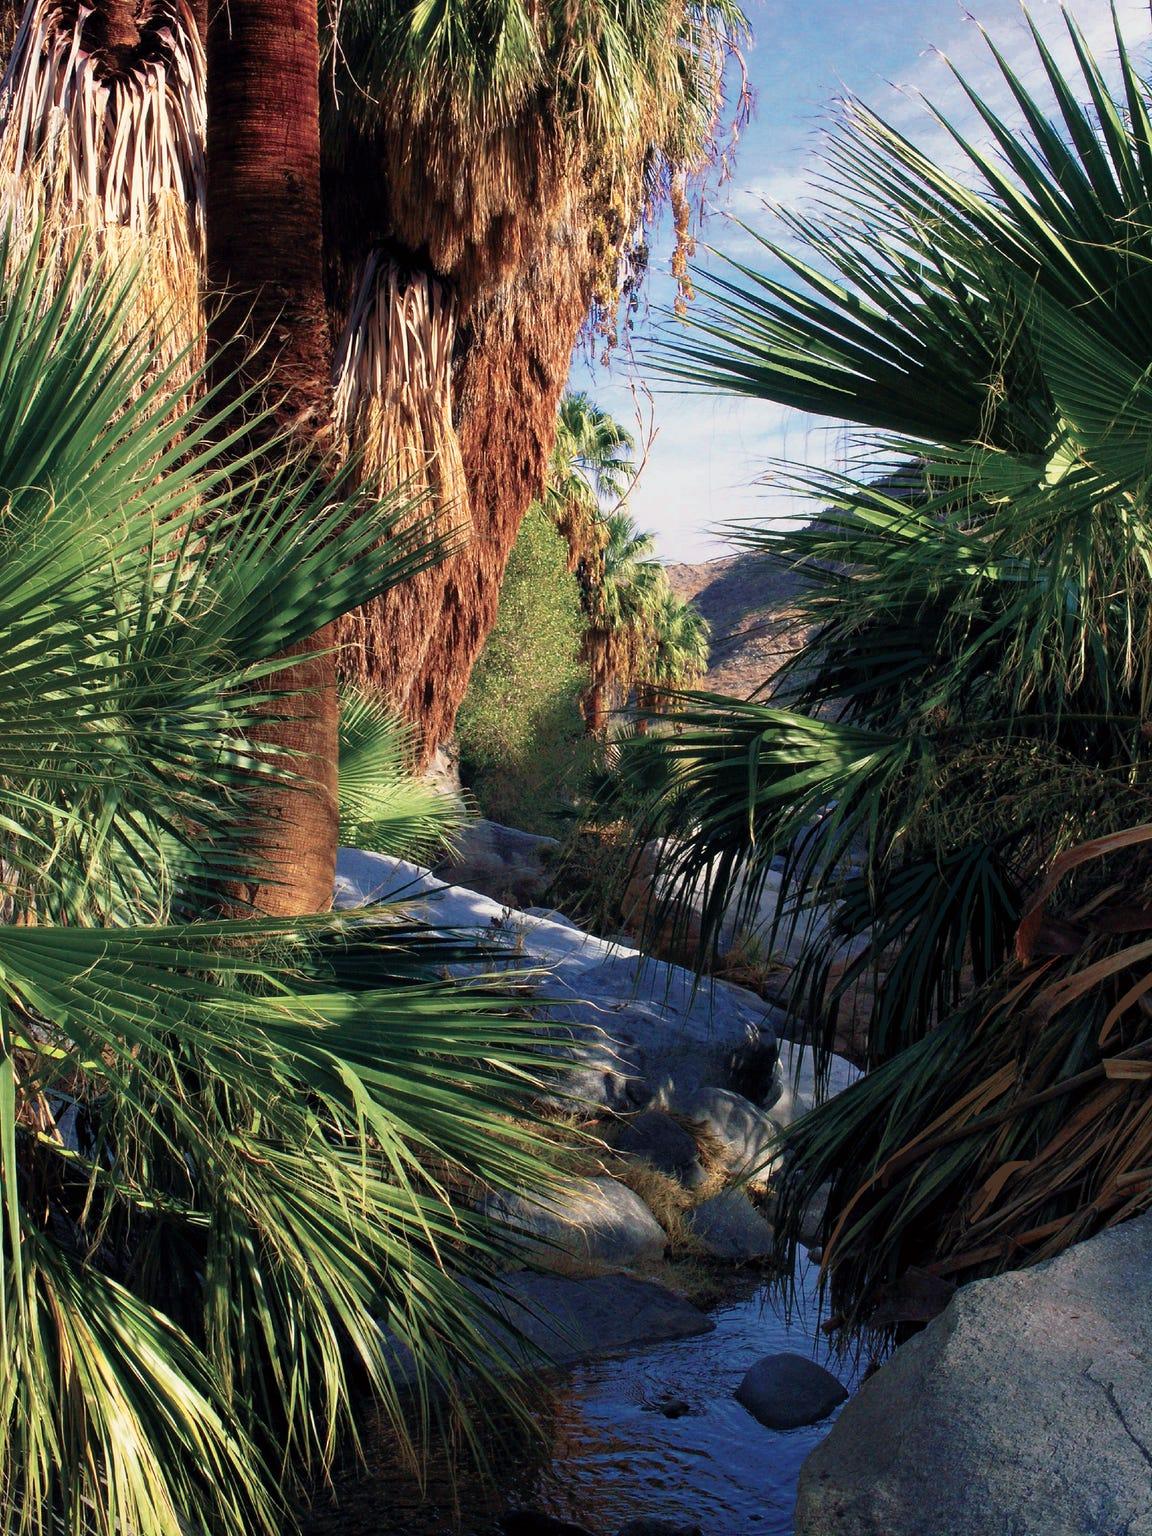 Lower Palm Canyon